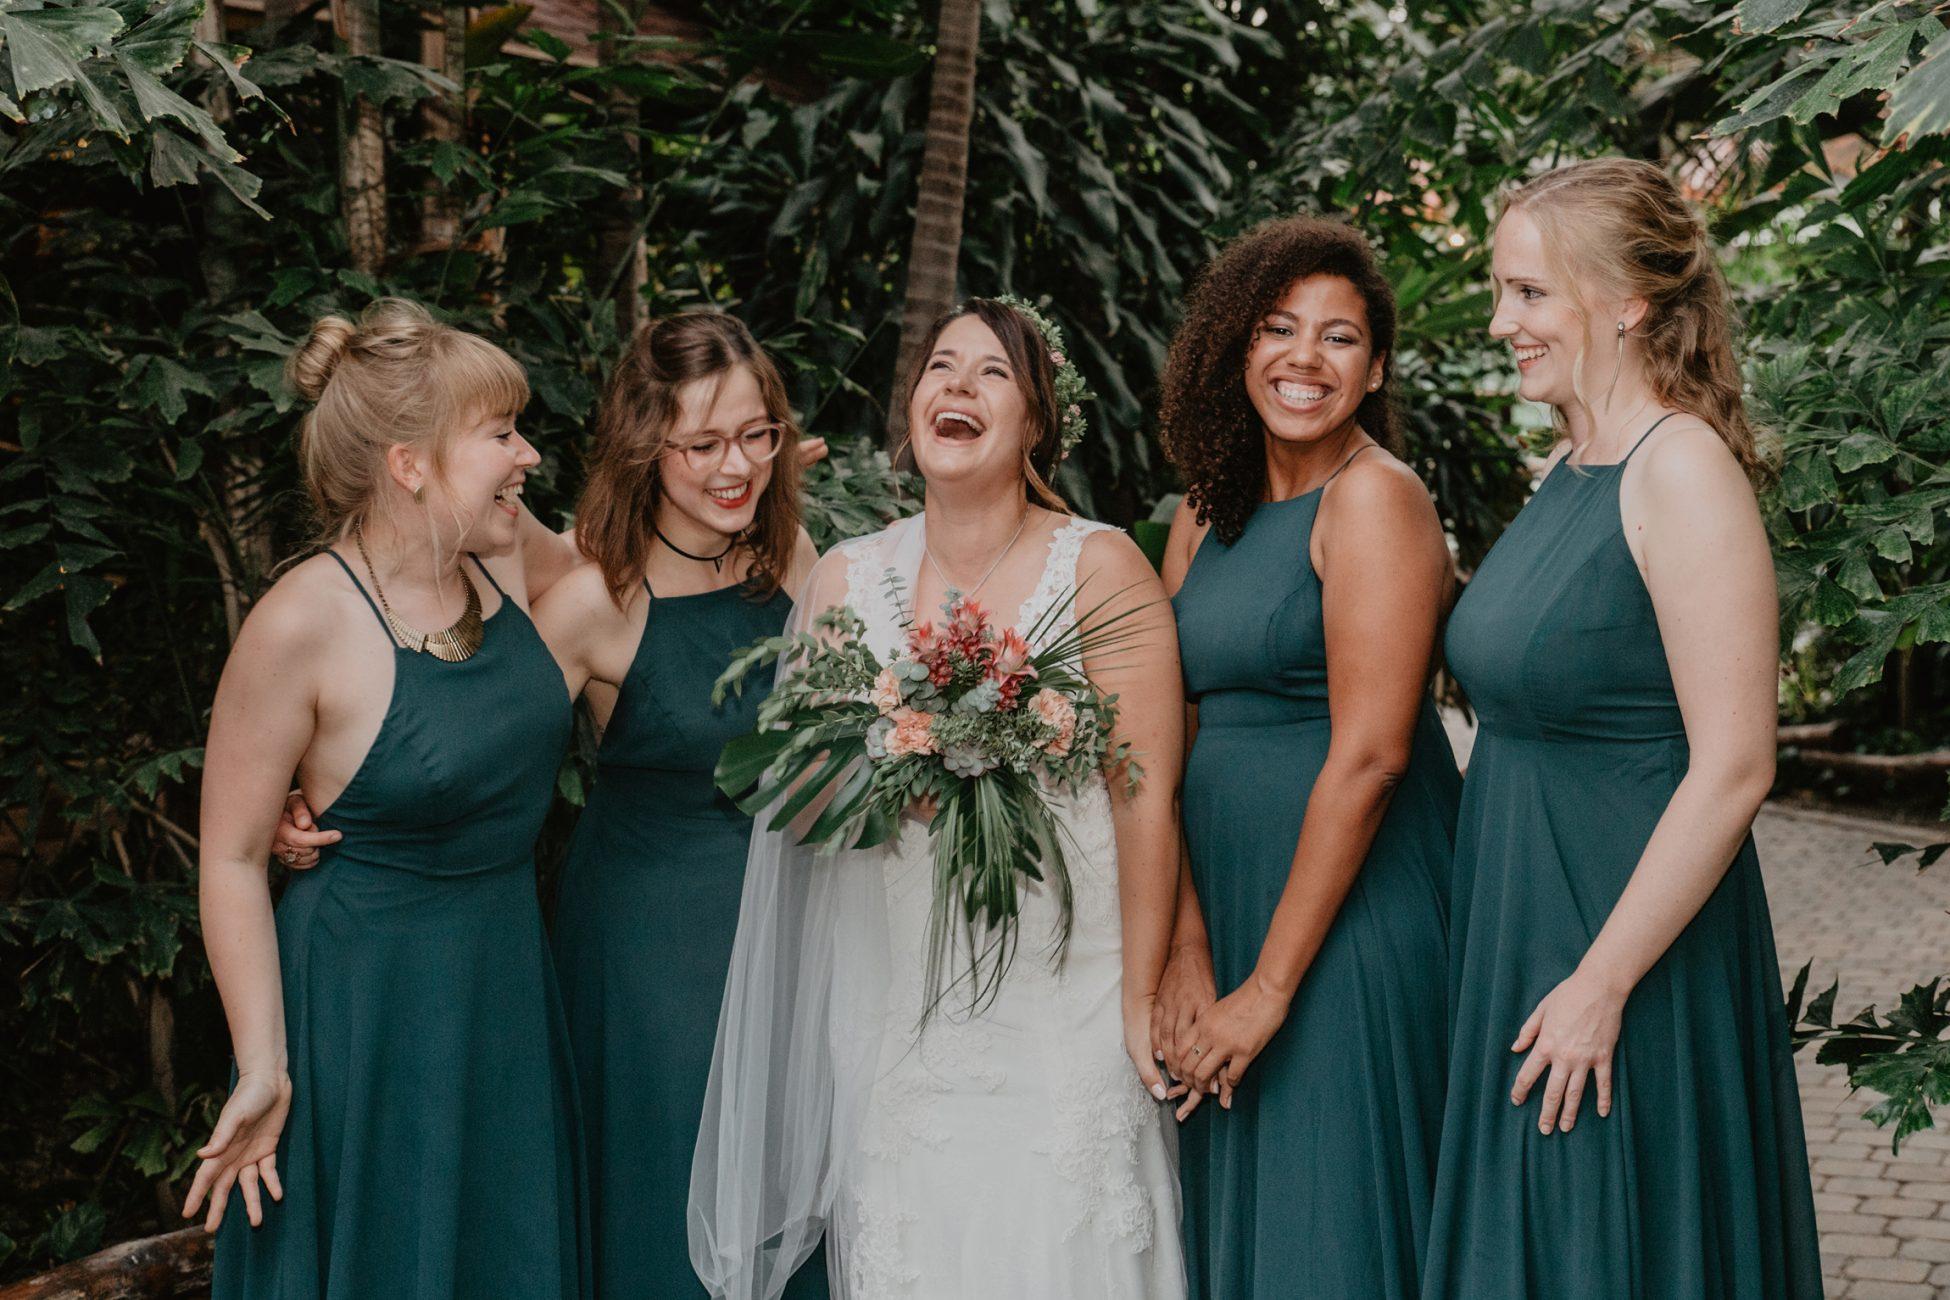 Braut mit Brautjungfern in exotischer Greenery Kulisse